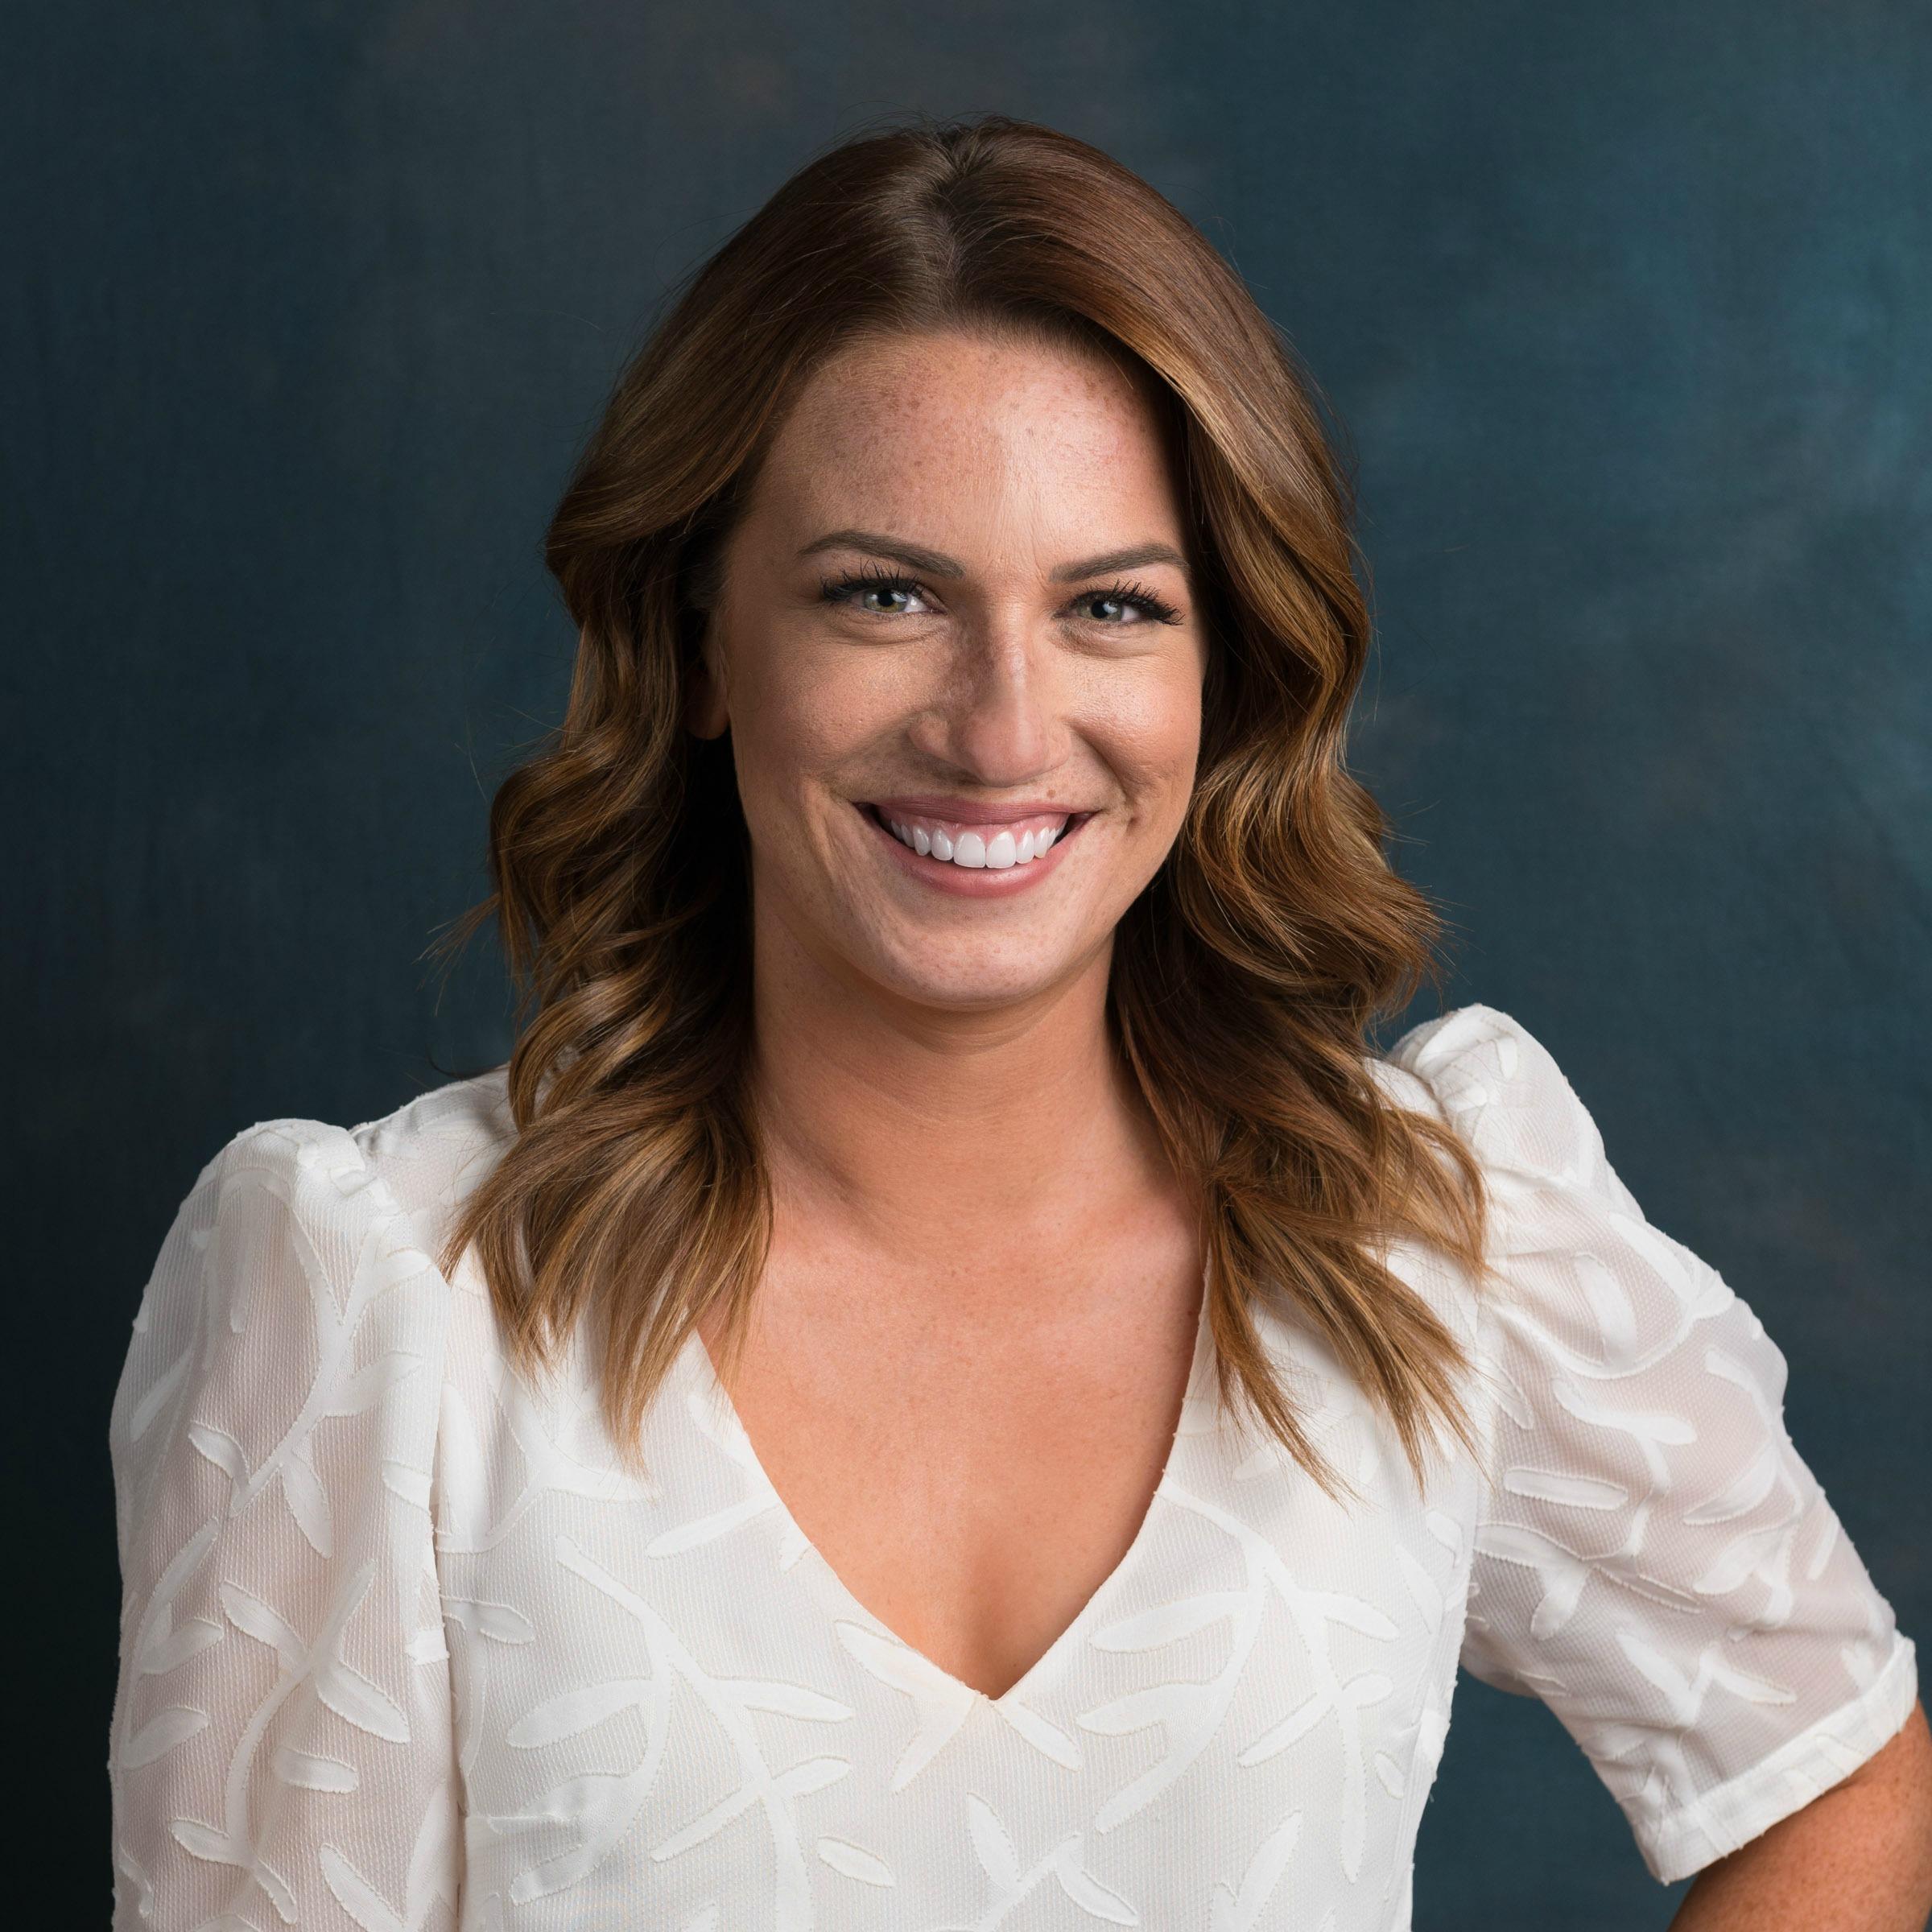 Samantha O'Connor